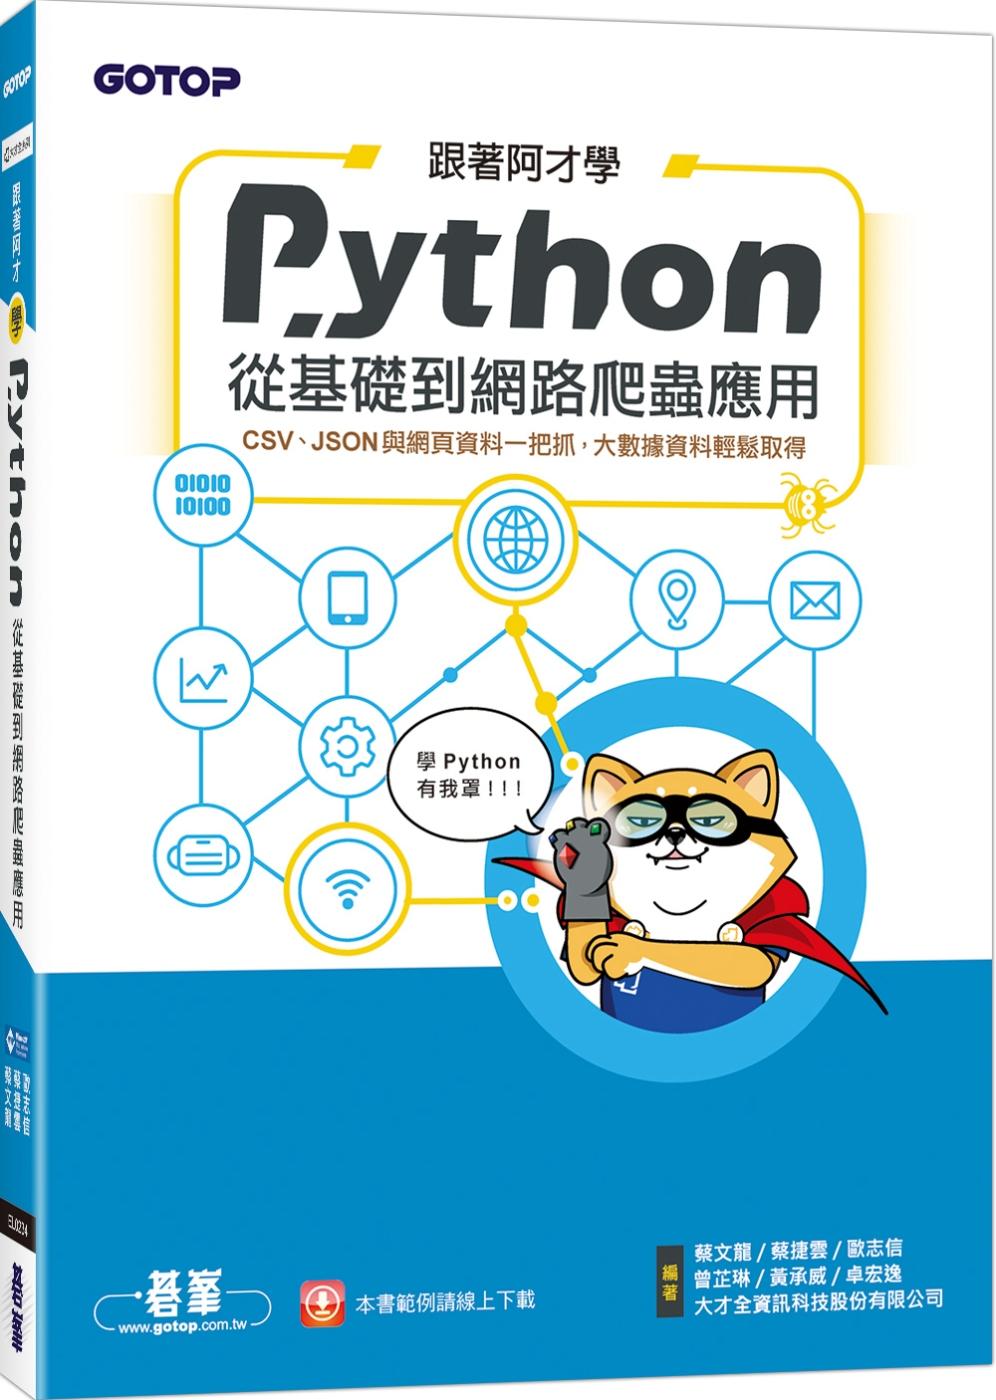 跟著阿才學Python:從基礎到網路爬蟲應用